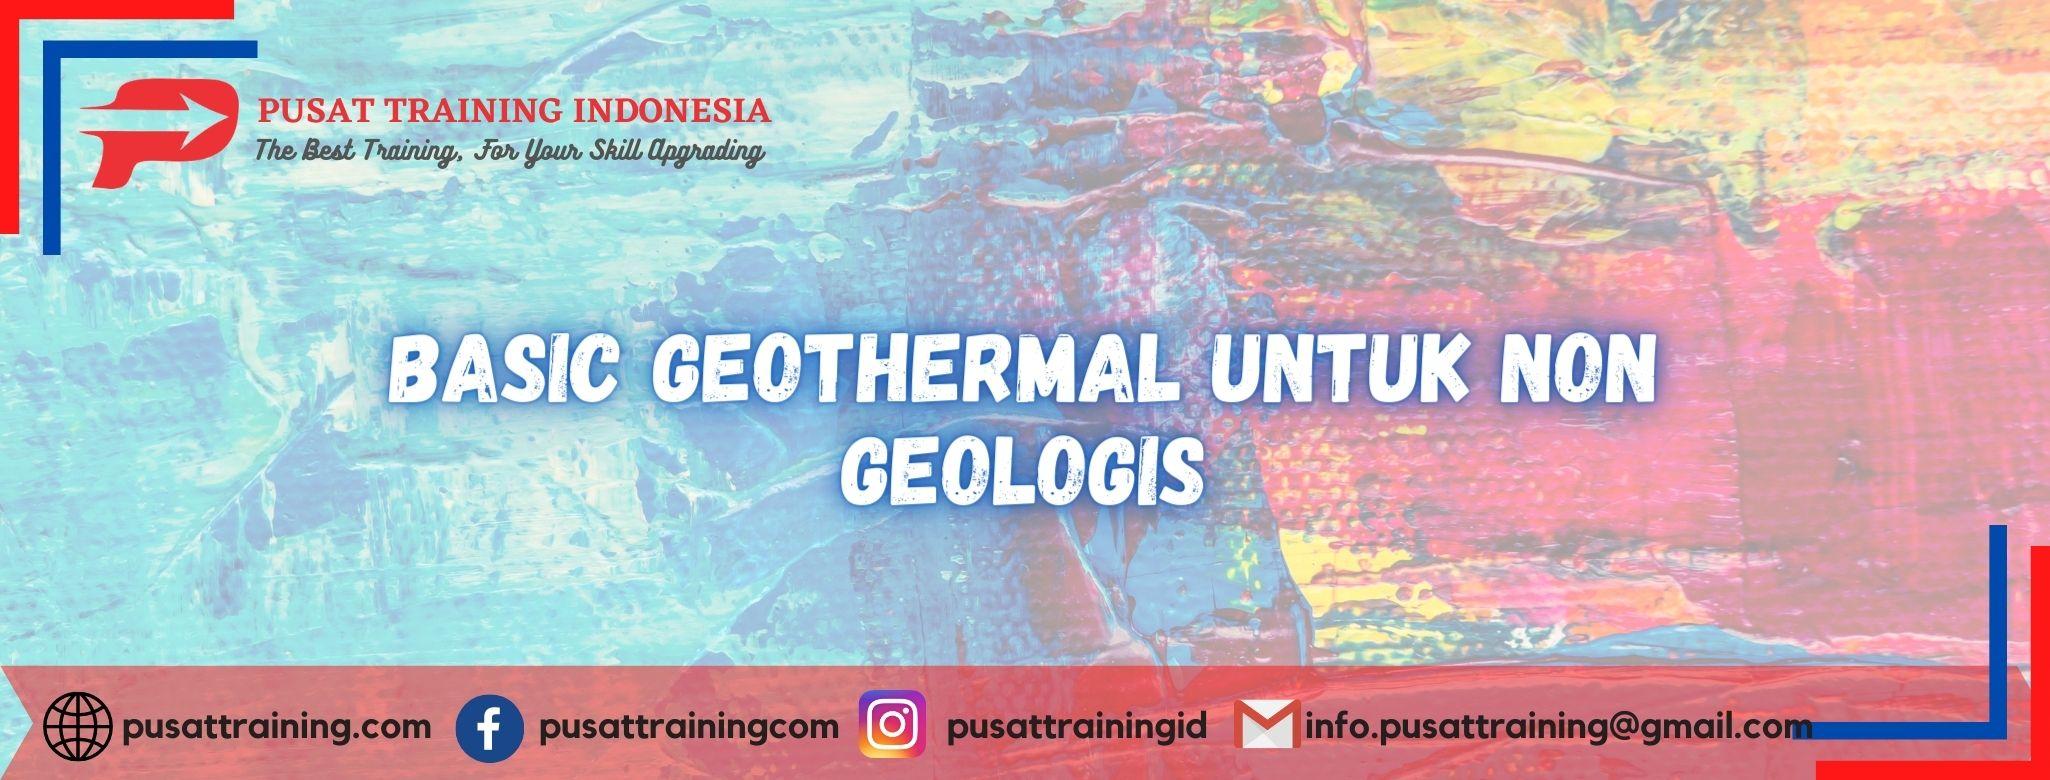 Basic-Geothermal-untuk-Non-Geologis